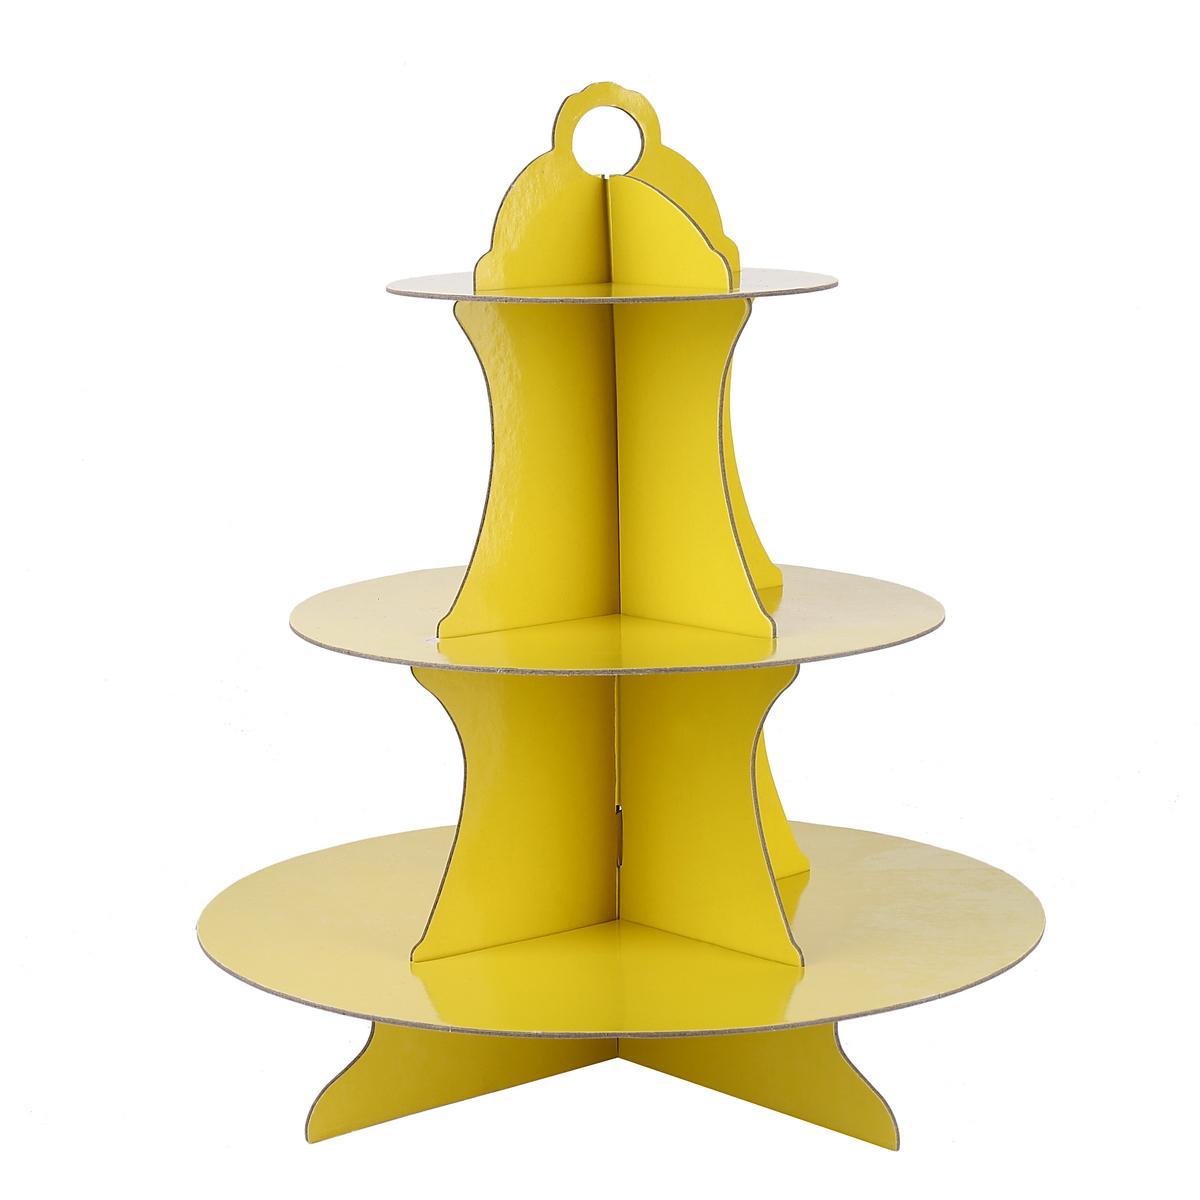 מעמד 3 קומות צהוב לעוגות וקינוחים (ייחודי)